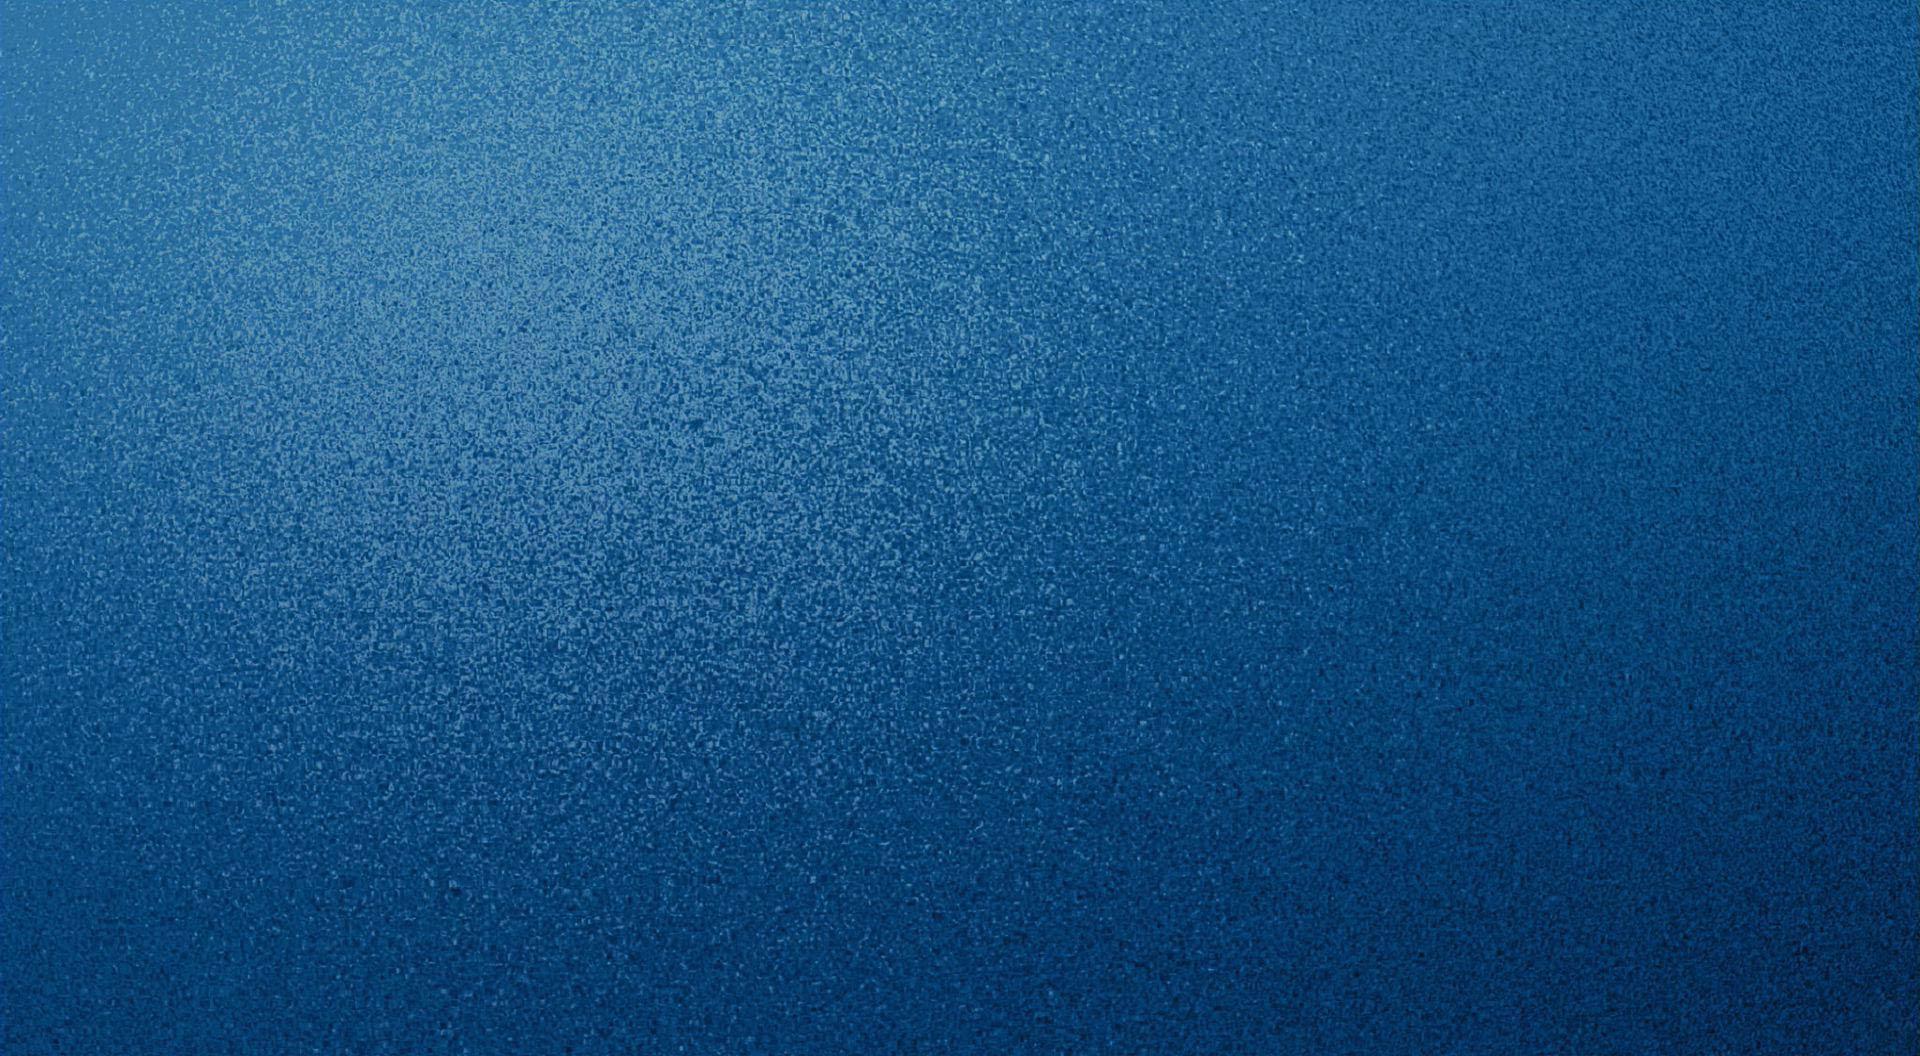 Кардсток «Коктейль» синий 290 гр/м2